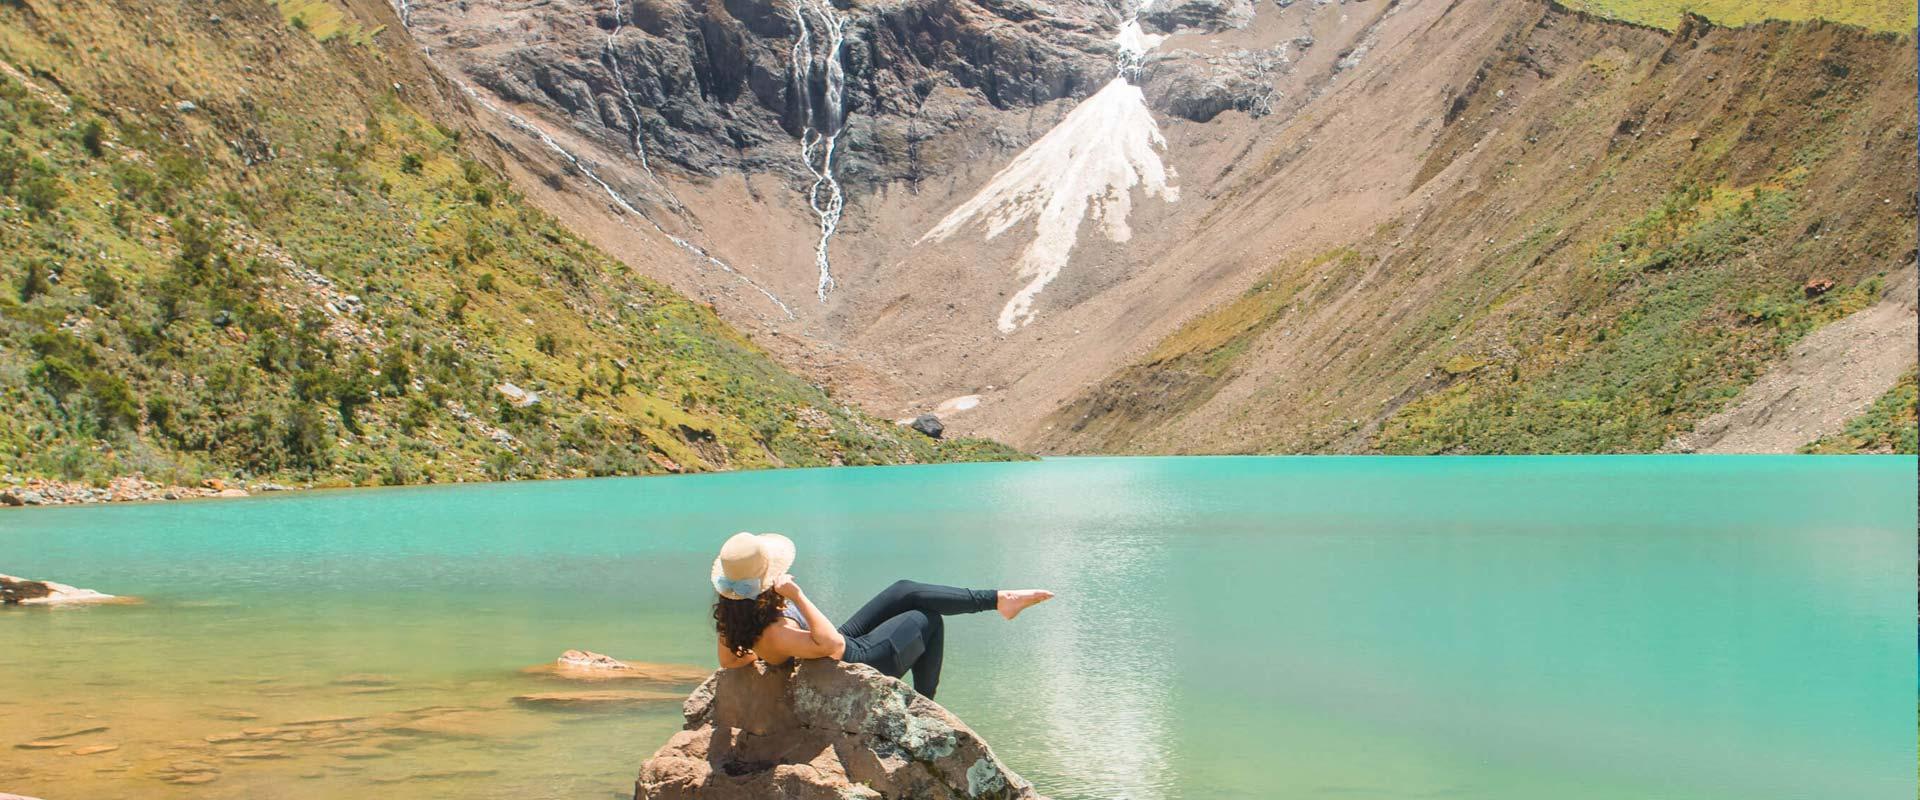 humantay lake (2)